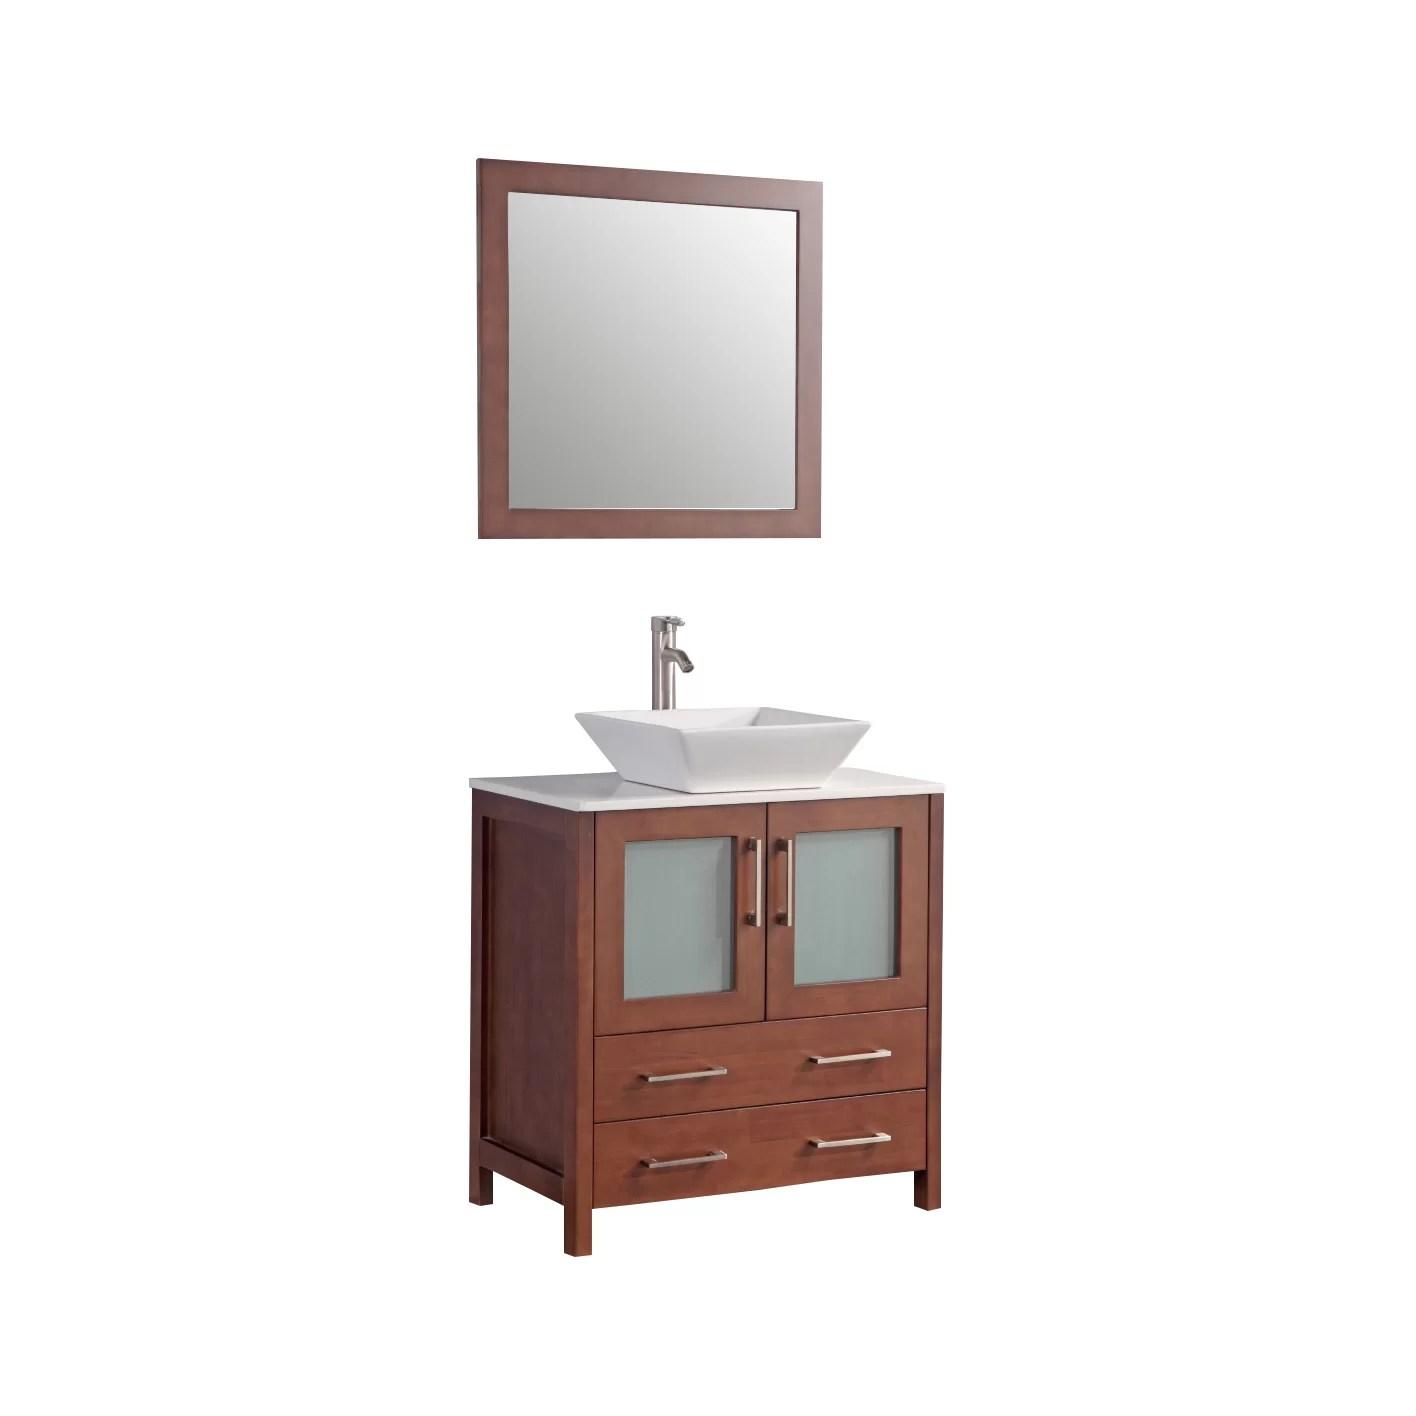 Legion Furniture 30 Single Bathroom Vanity Set with